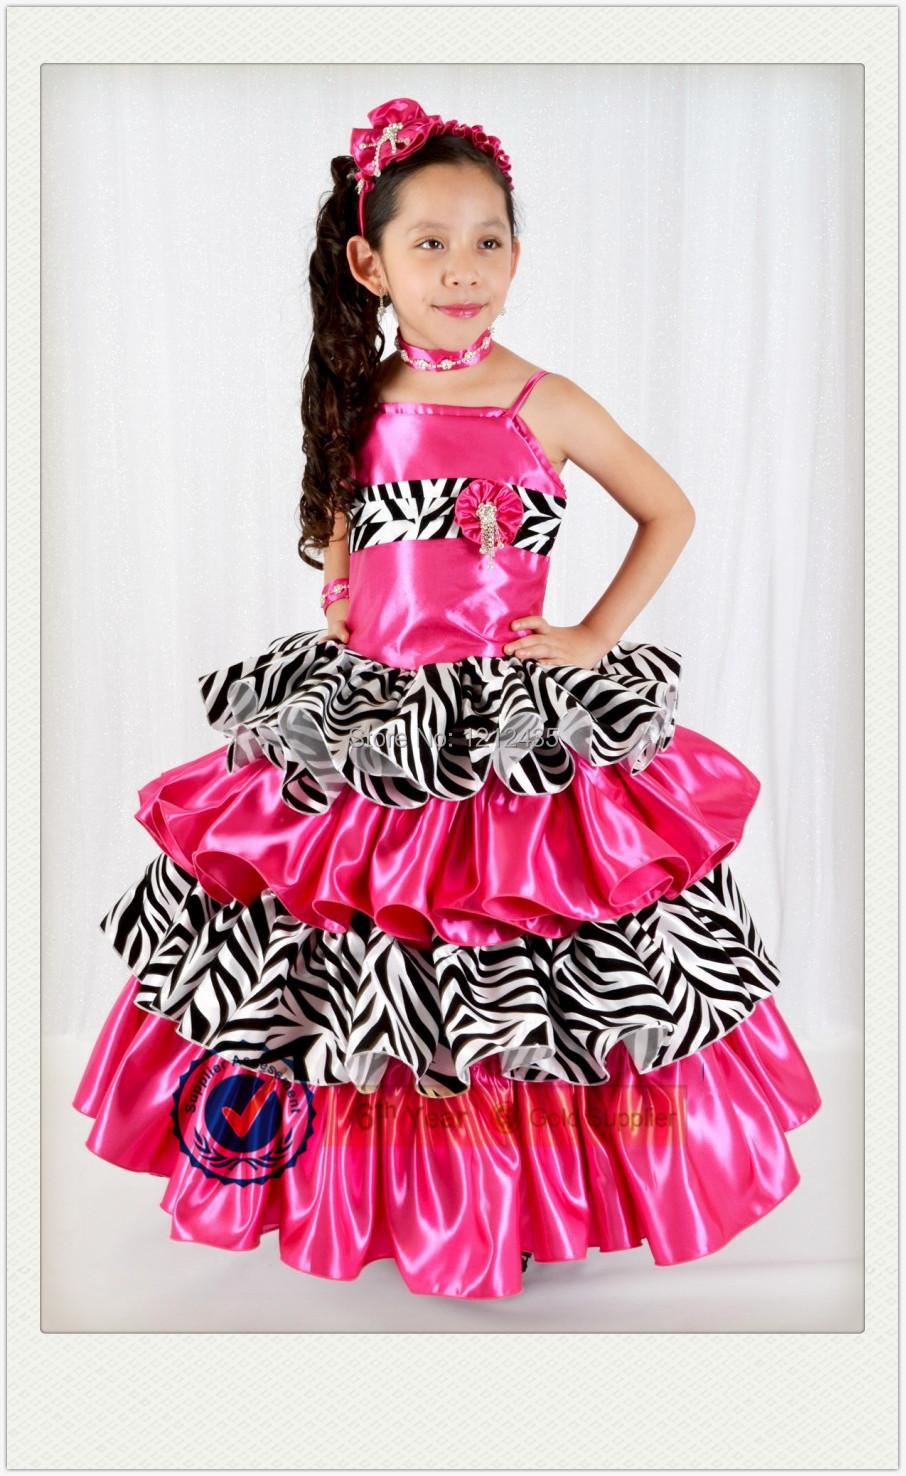 Zebra Print Party Dresses - Ocodea.com